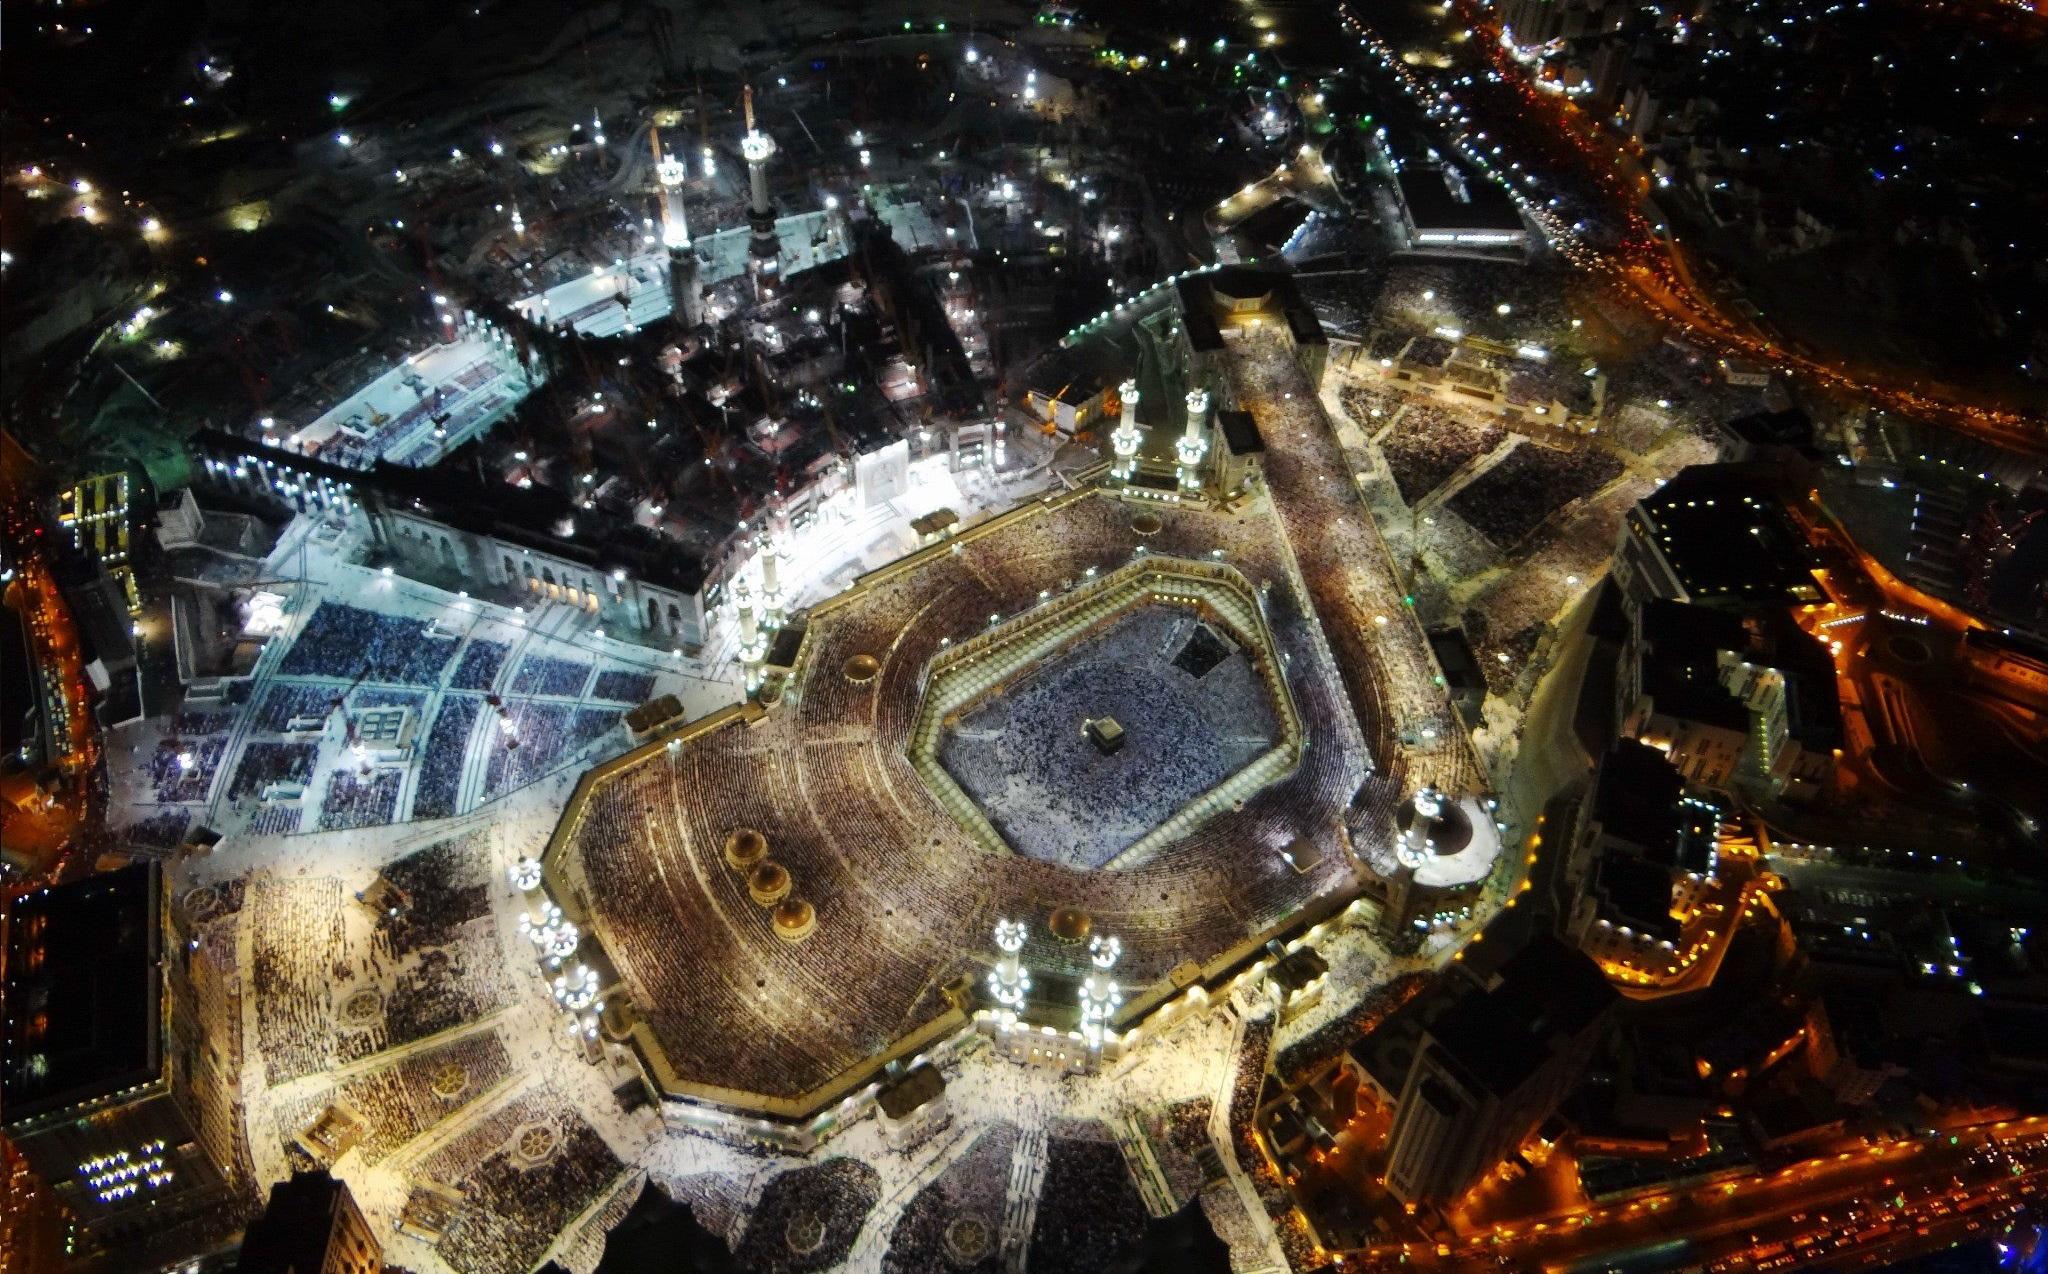 makkah al mukarramah Wallpaper HD by GULTALIBk 2048x1274